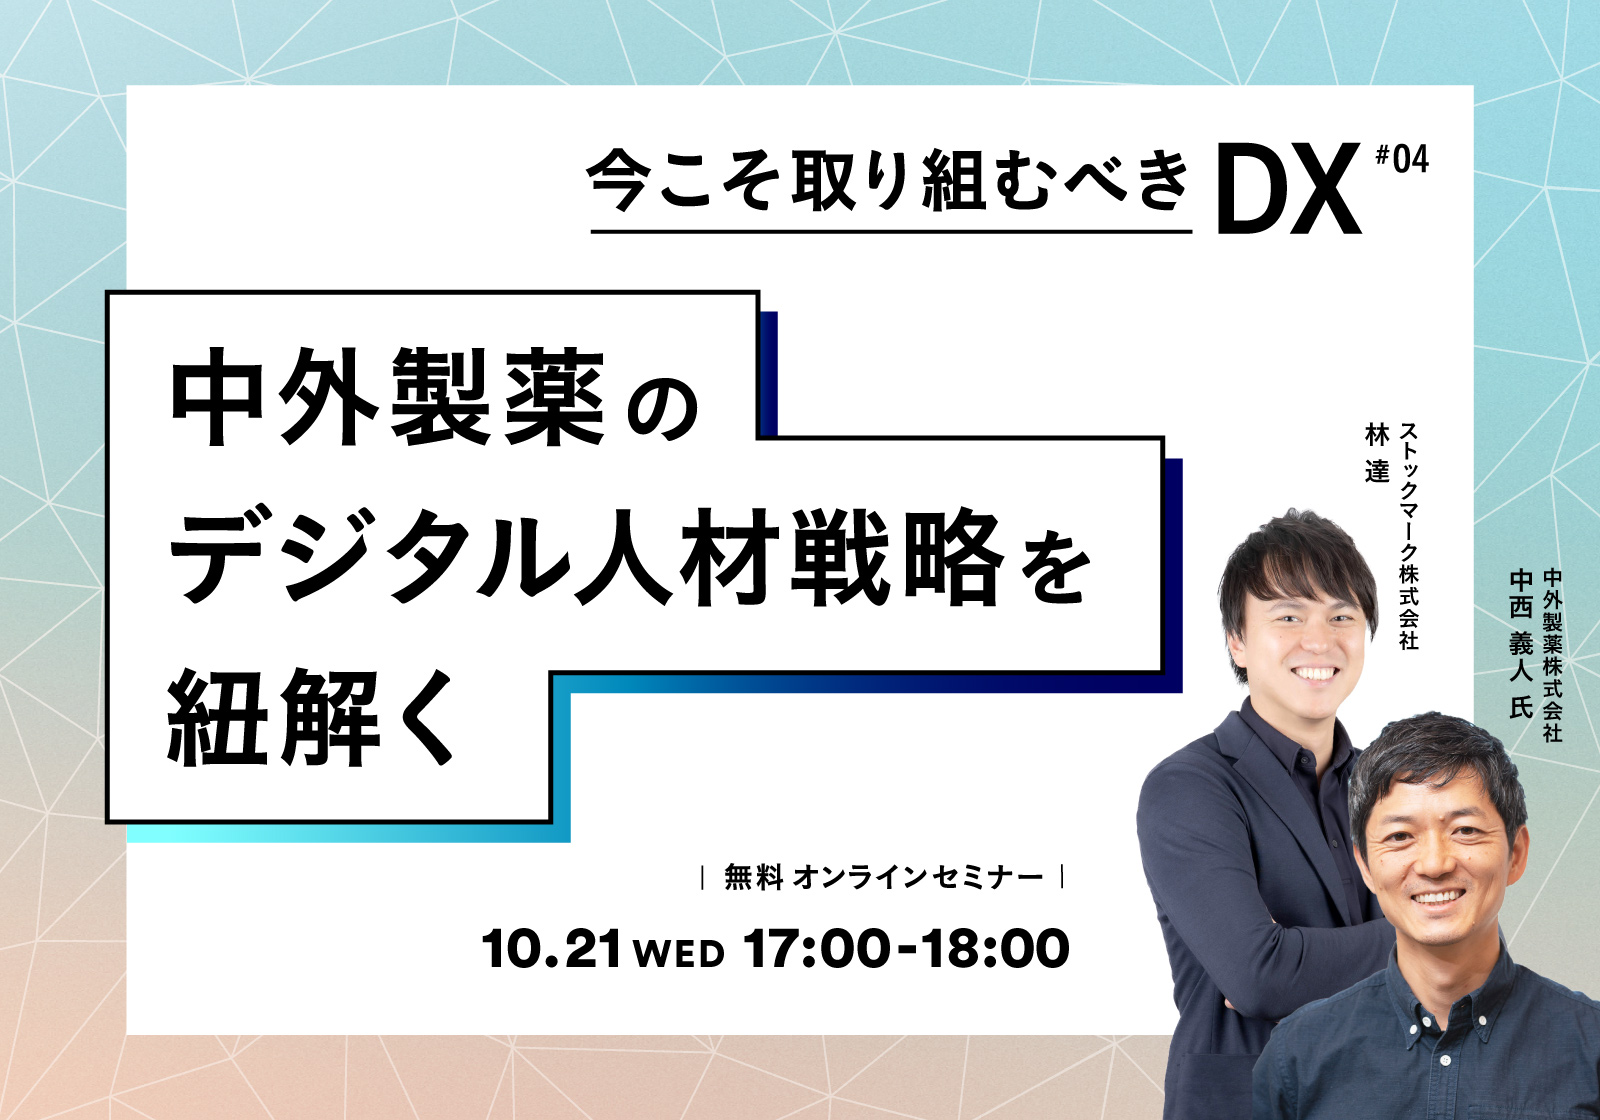 dx-chugai